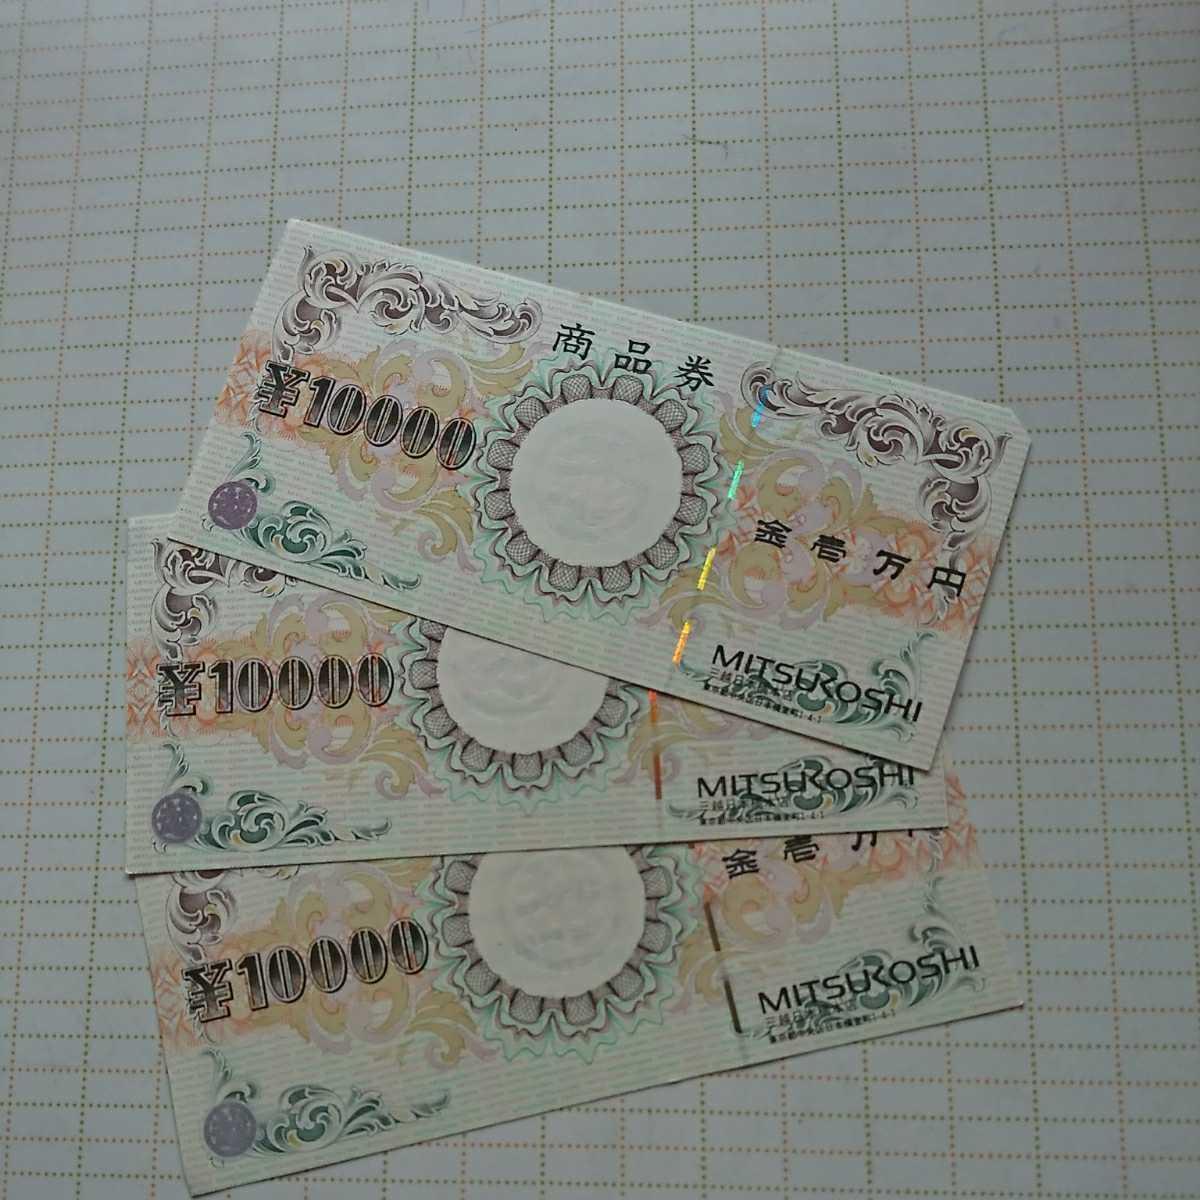 三越百貨店 商品券 1万円 ポイント消費_画像1